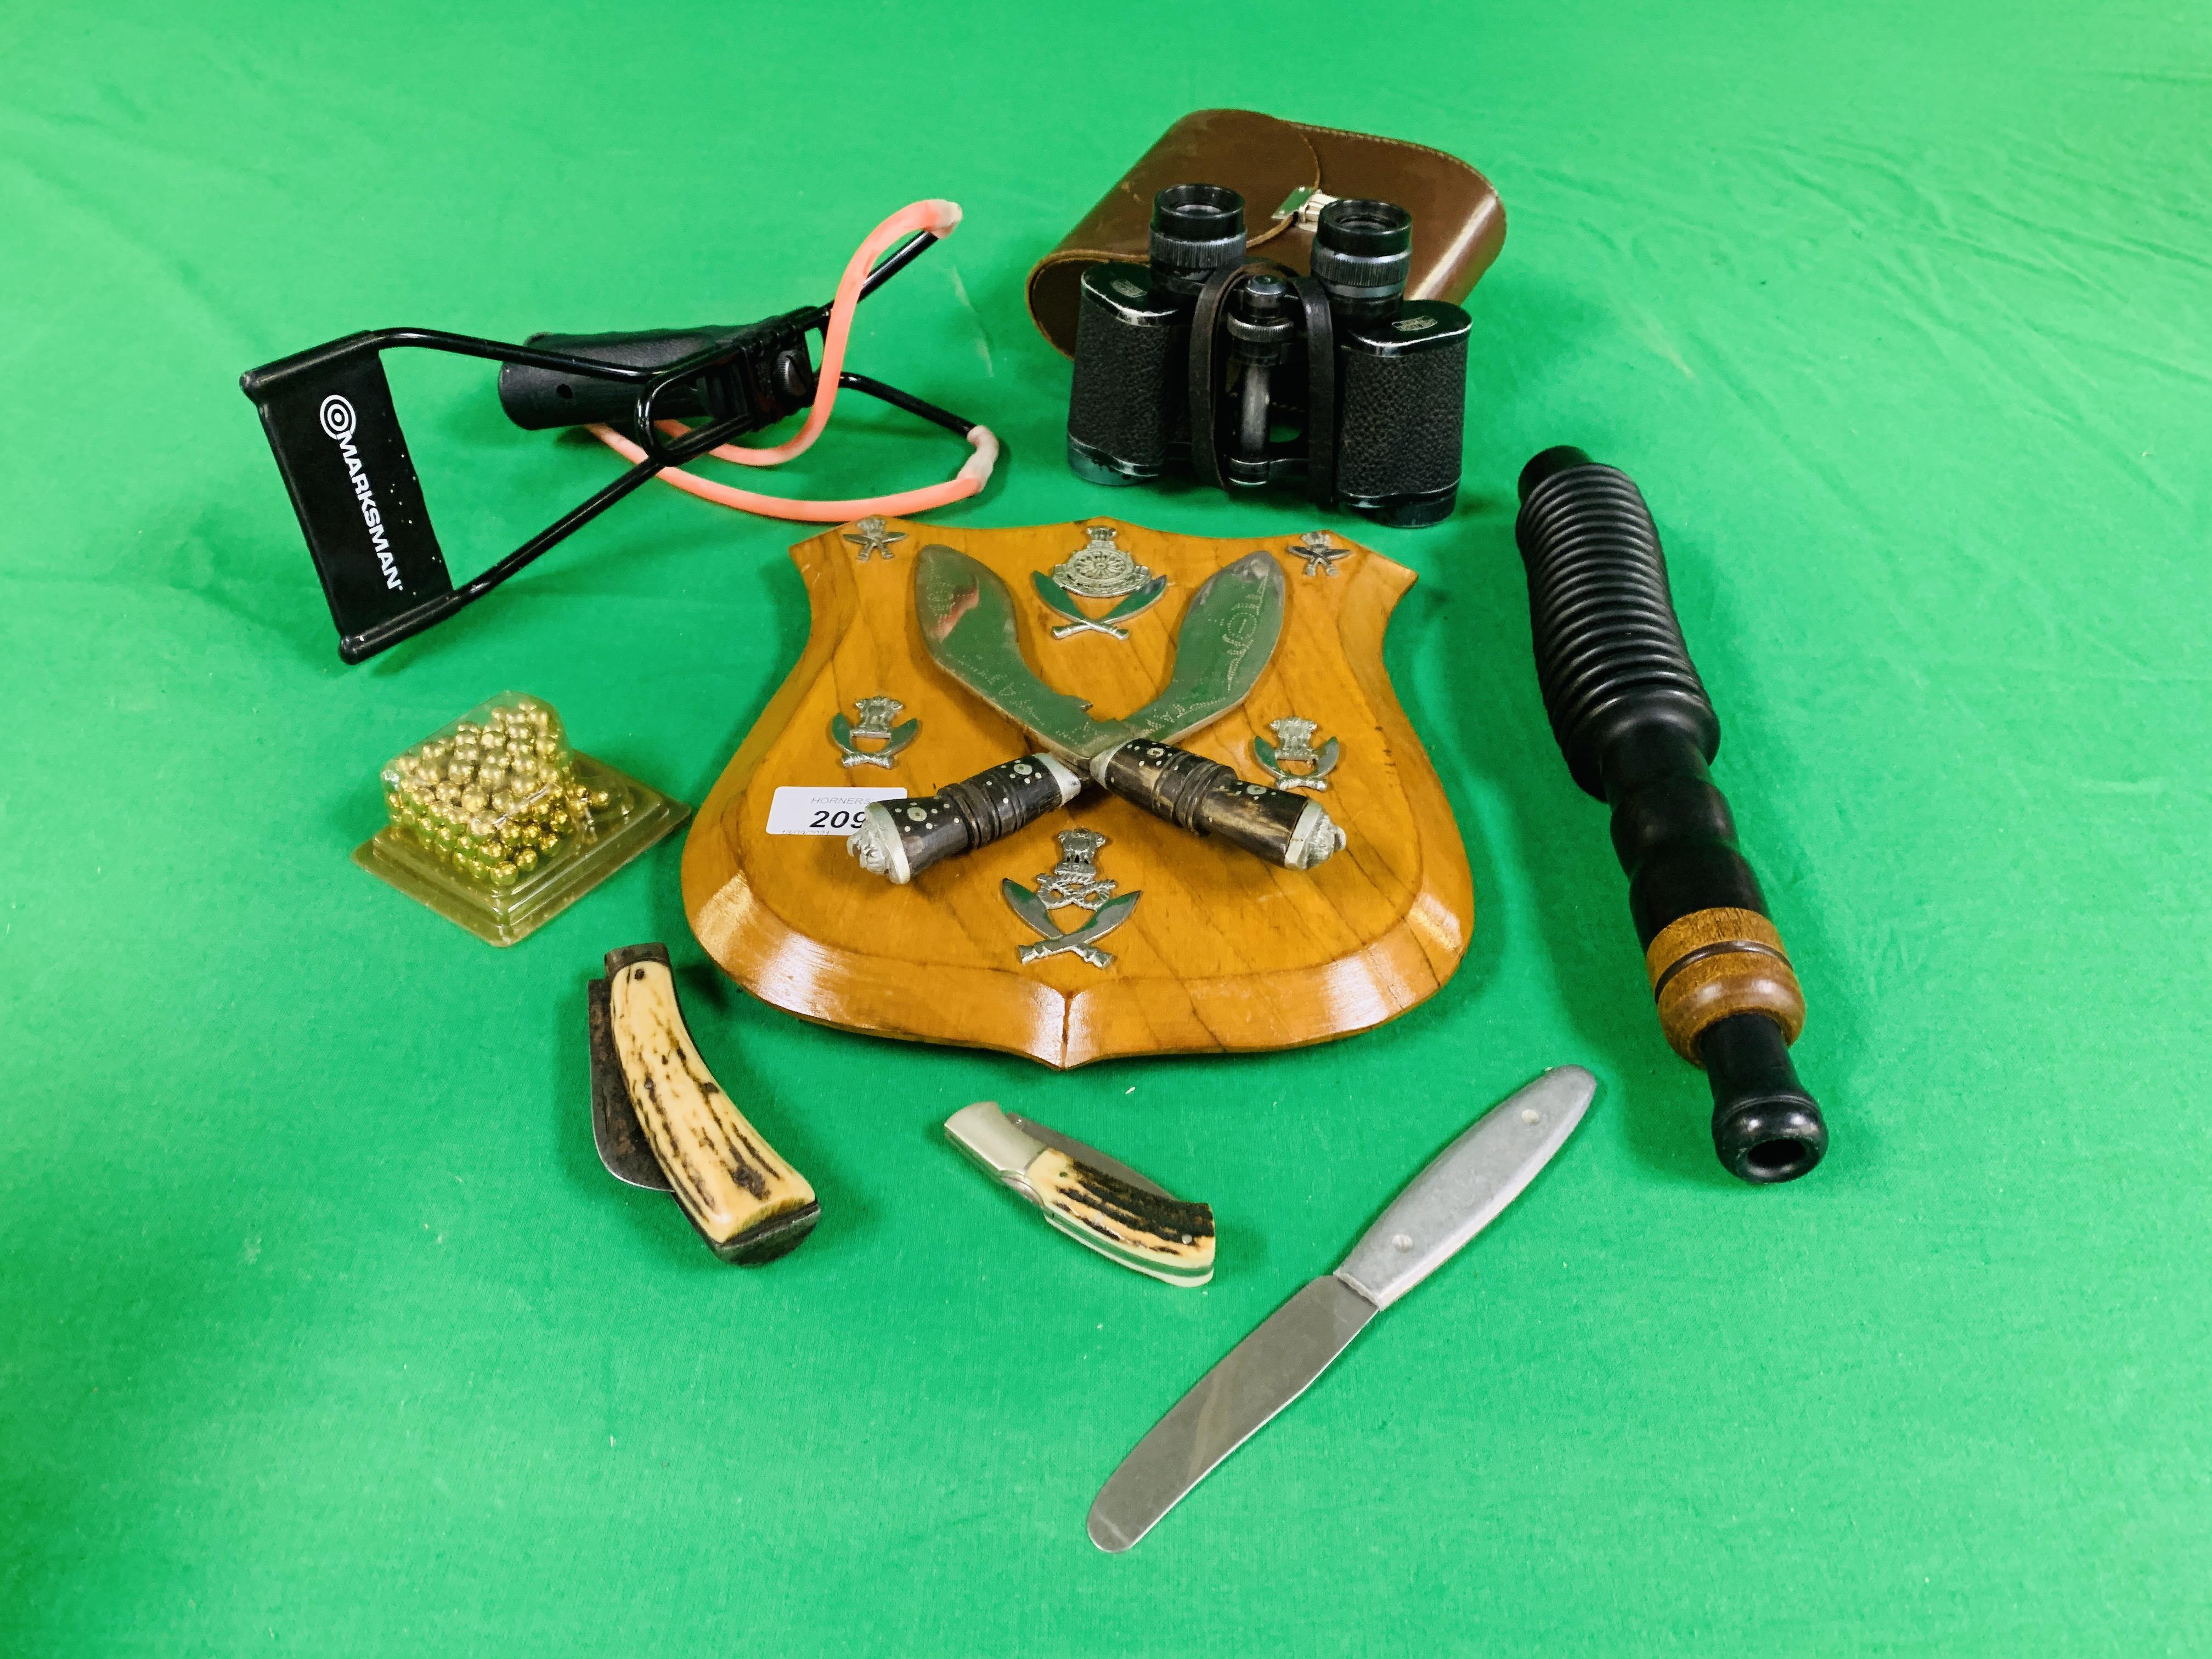 A PAIR OF CARL ZEISS 8 X 30 BINOCULARS, A DUCK CALL, SLINGSHOT & BALL BEARINGS,